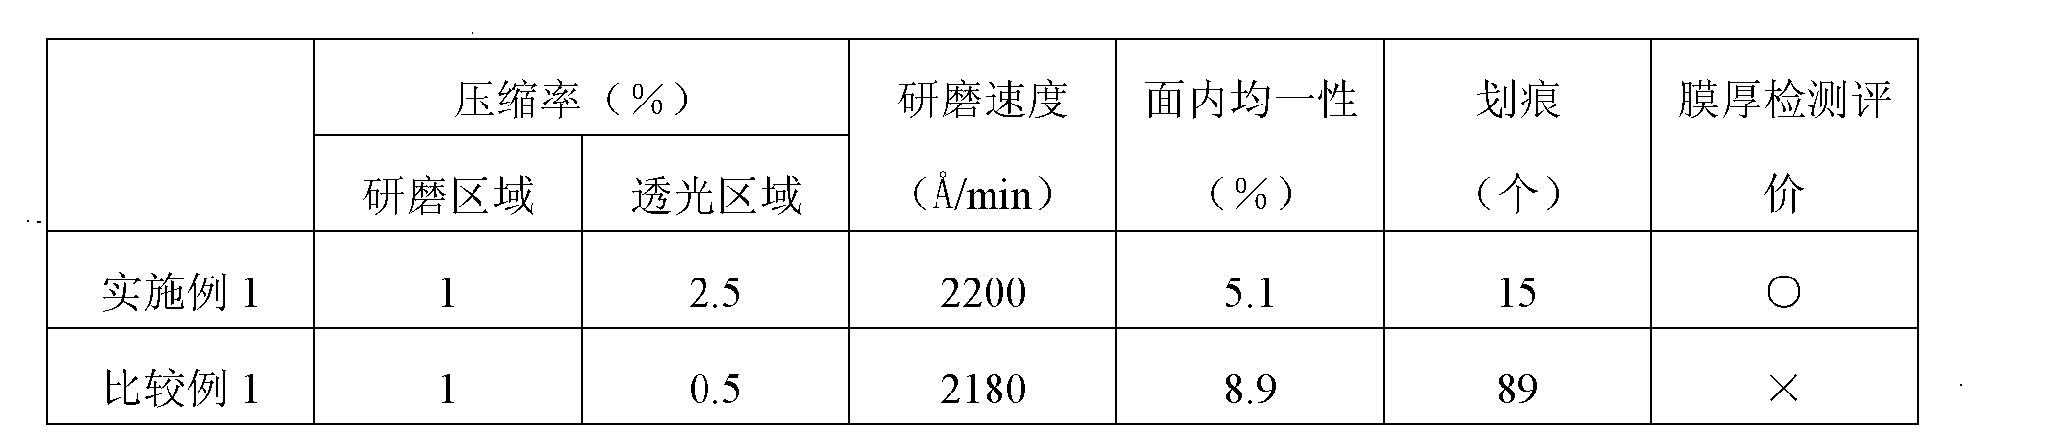 Figure CN102554766BD00421